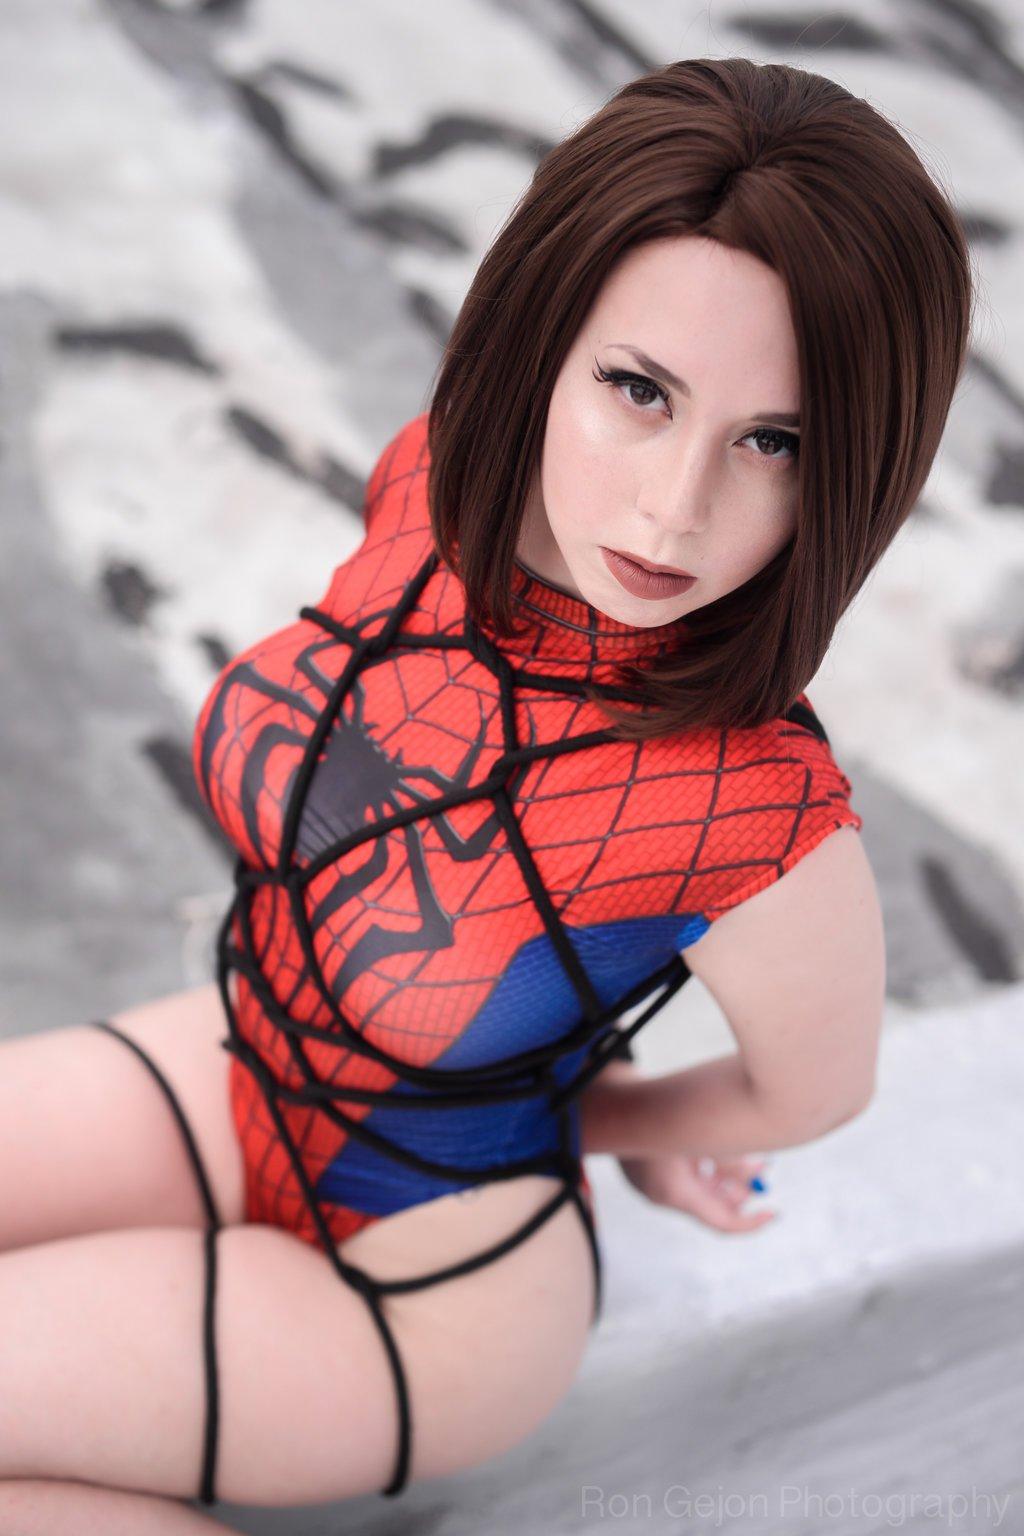 Косплей. Что было бы если бы Человека-паука поймал Веном в нашей фантазии - Изображение 8